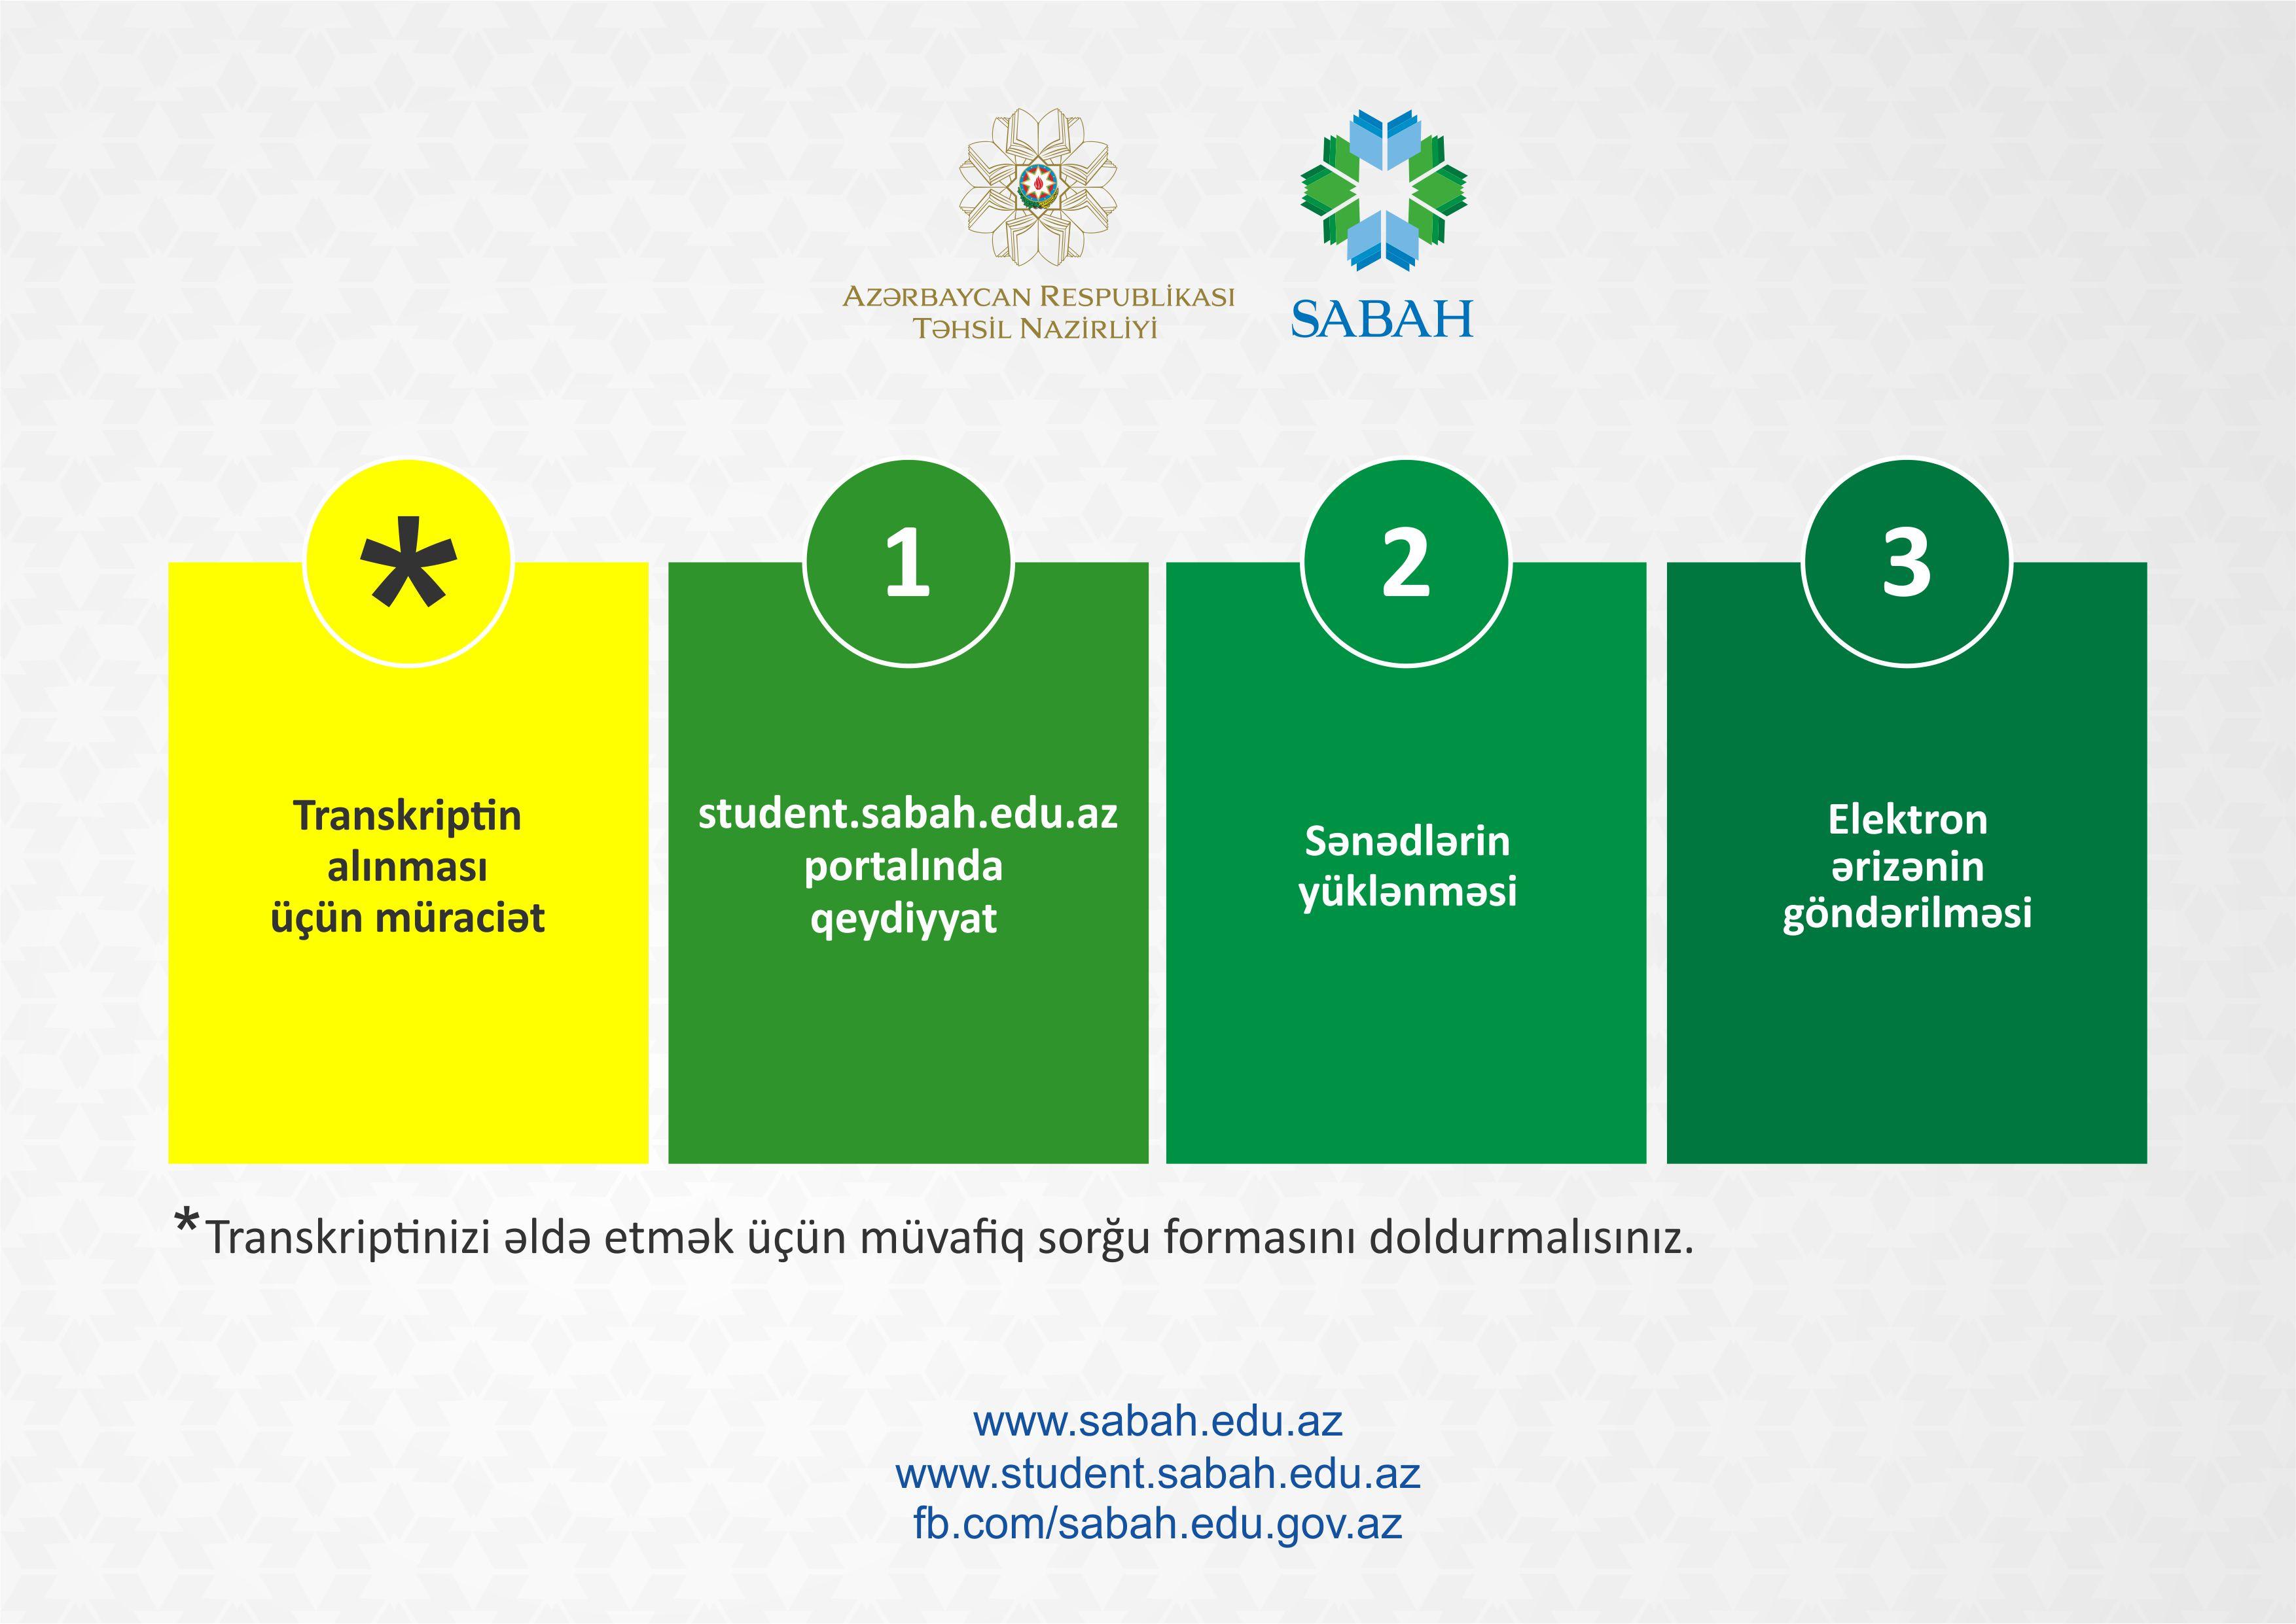 2020/2021-ci tədris ili üzrə SABAH qruplarına tələbə seçimi müsabiqəsində iştiraka dair şərtlər açıqlandı